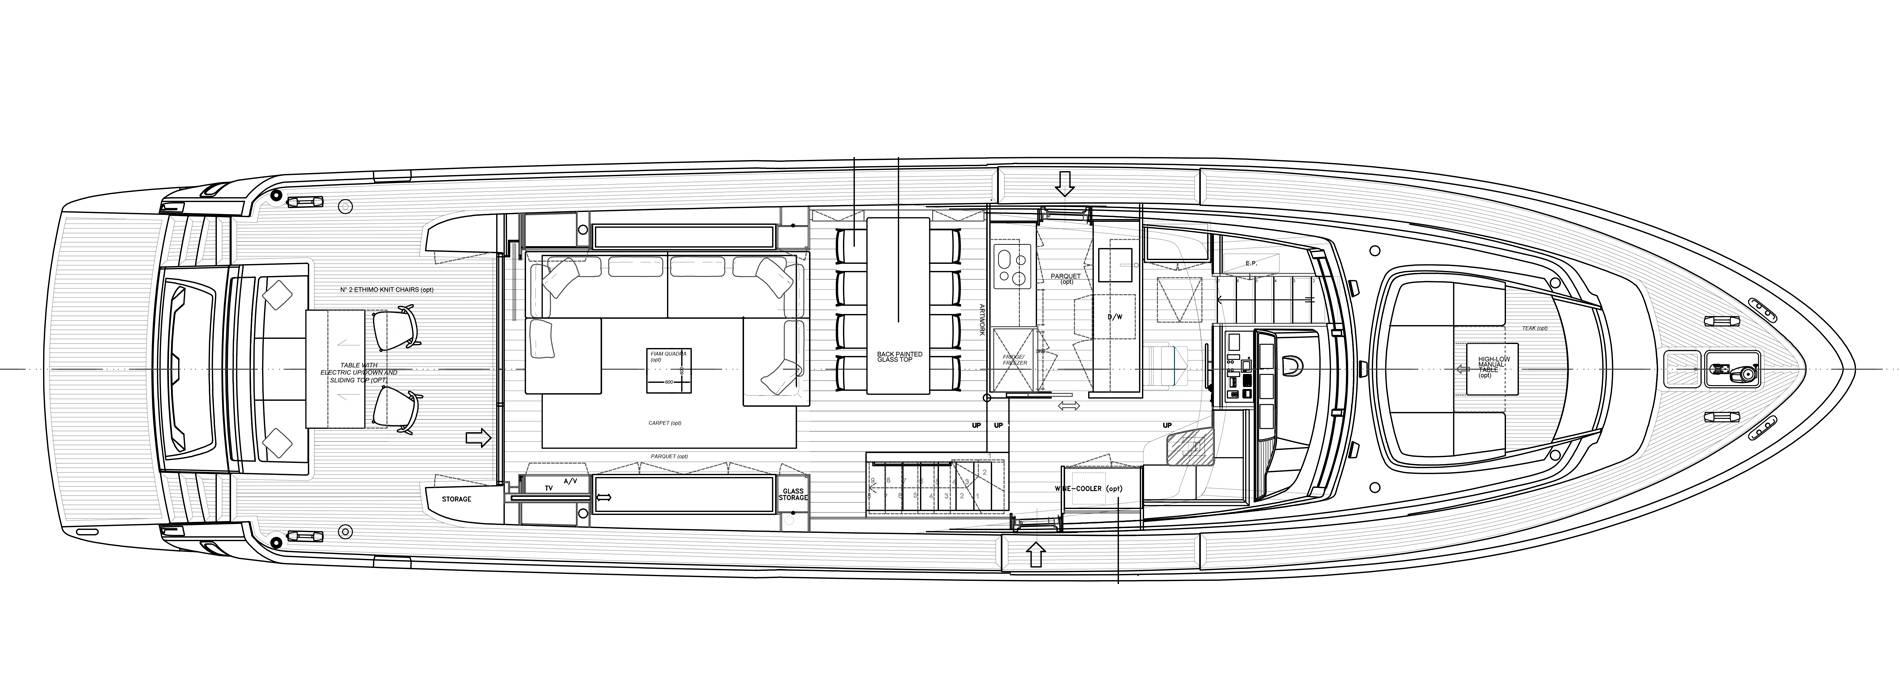 Sanlorenzo Yachts SL78-695 under offer Main deck